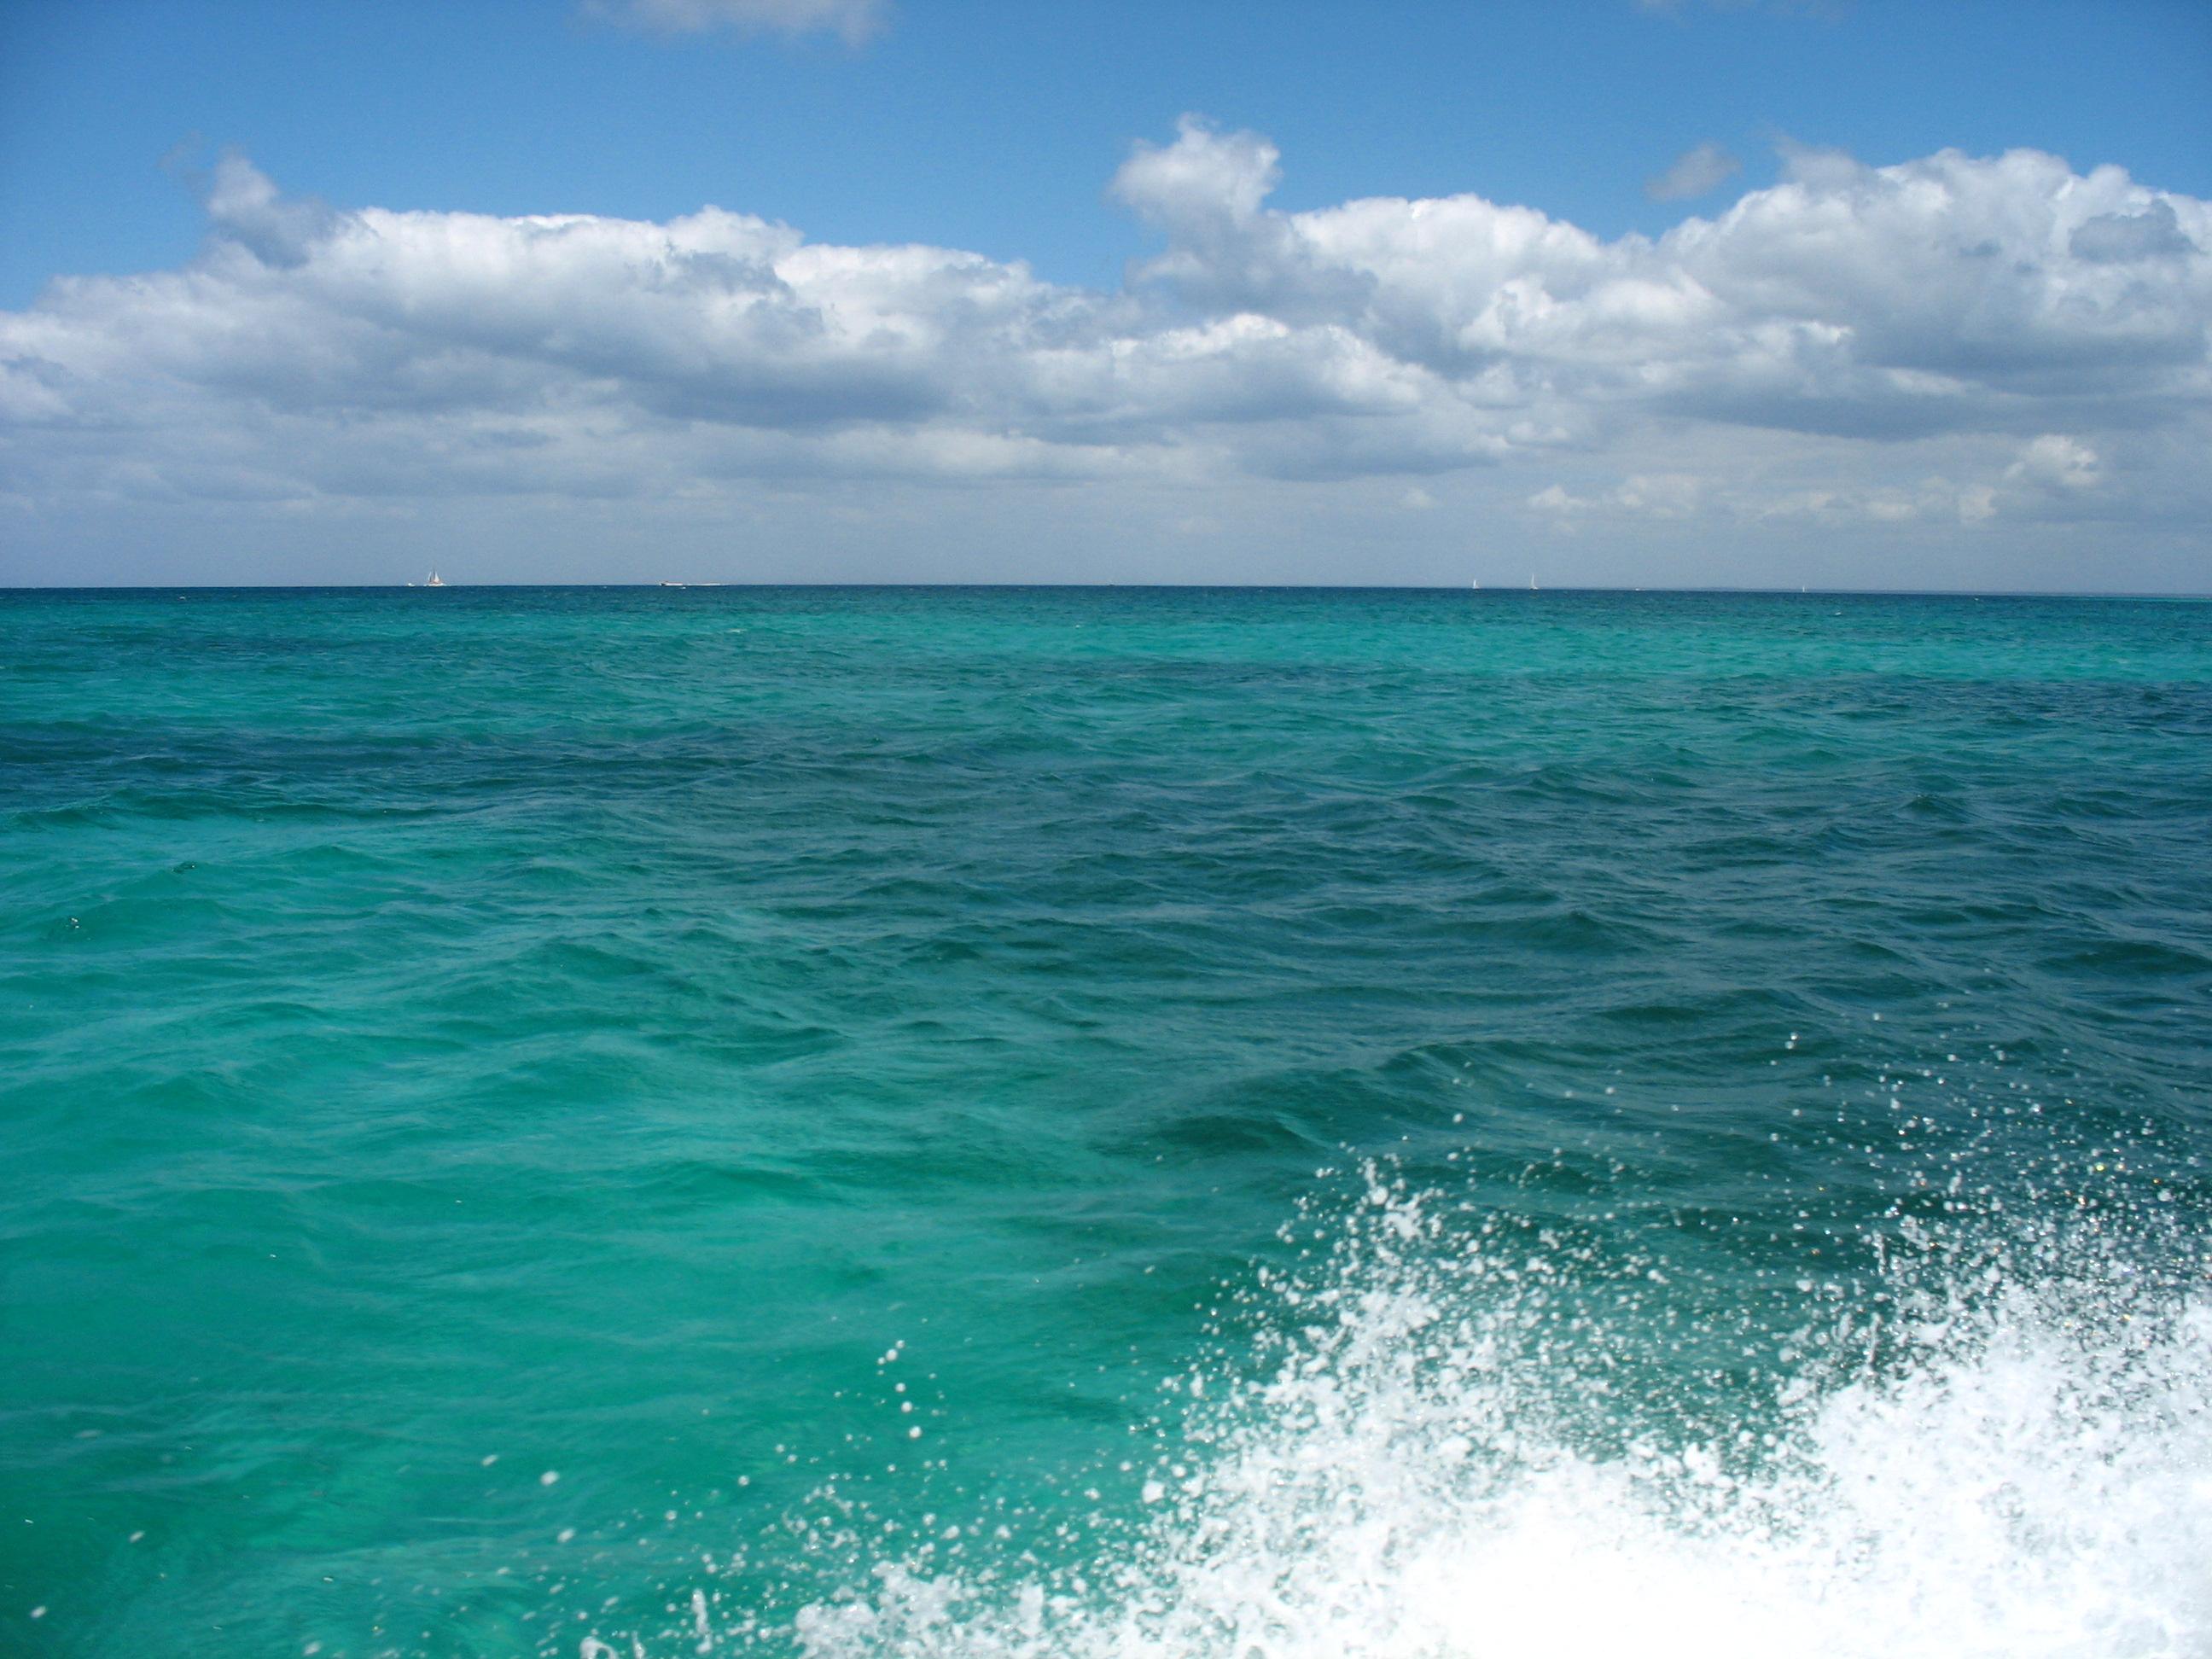 Алармират екокатастрофа в черно море